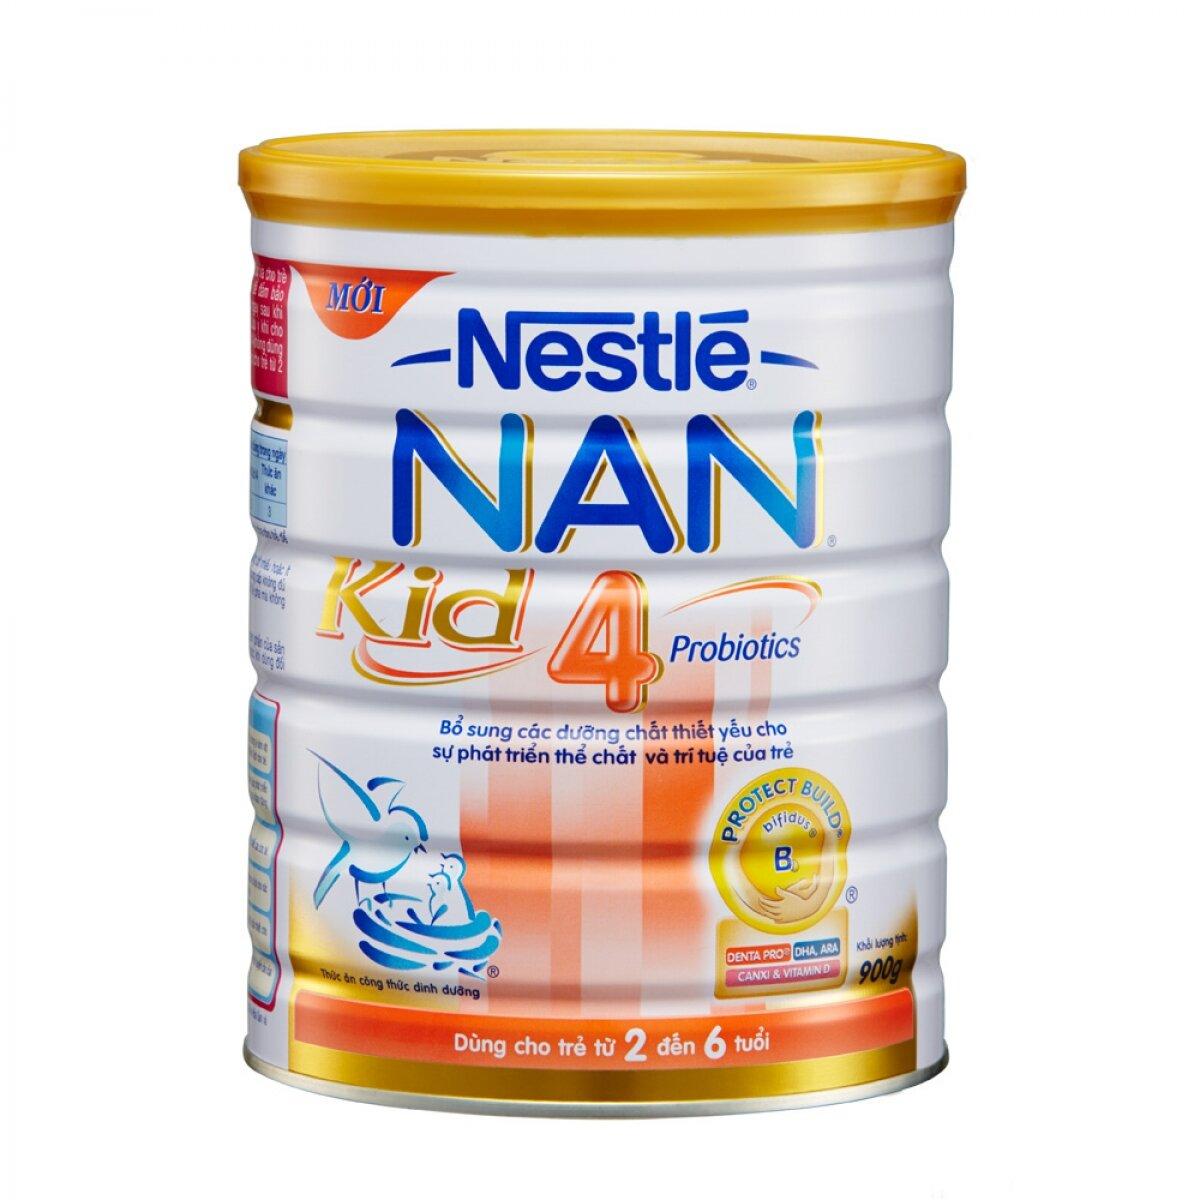 Nestlé NAN Kid 4 – Hỗ trợ miễn dịch cho trẻ từ 2 đến 6 tuổi